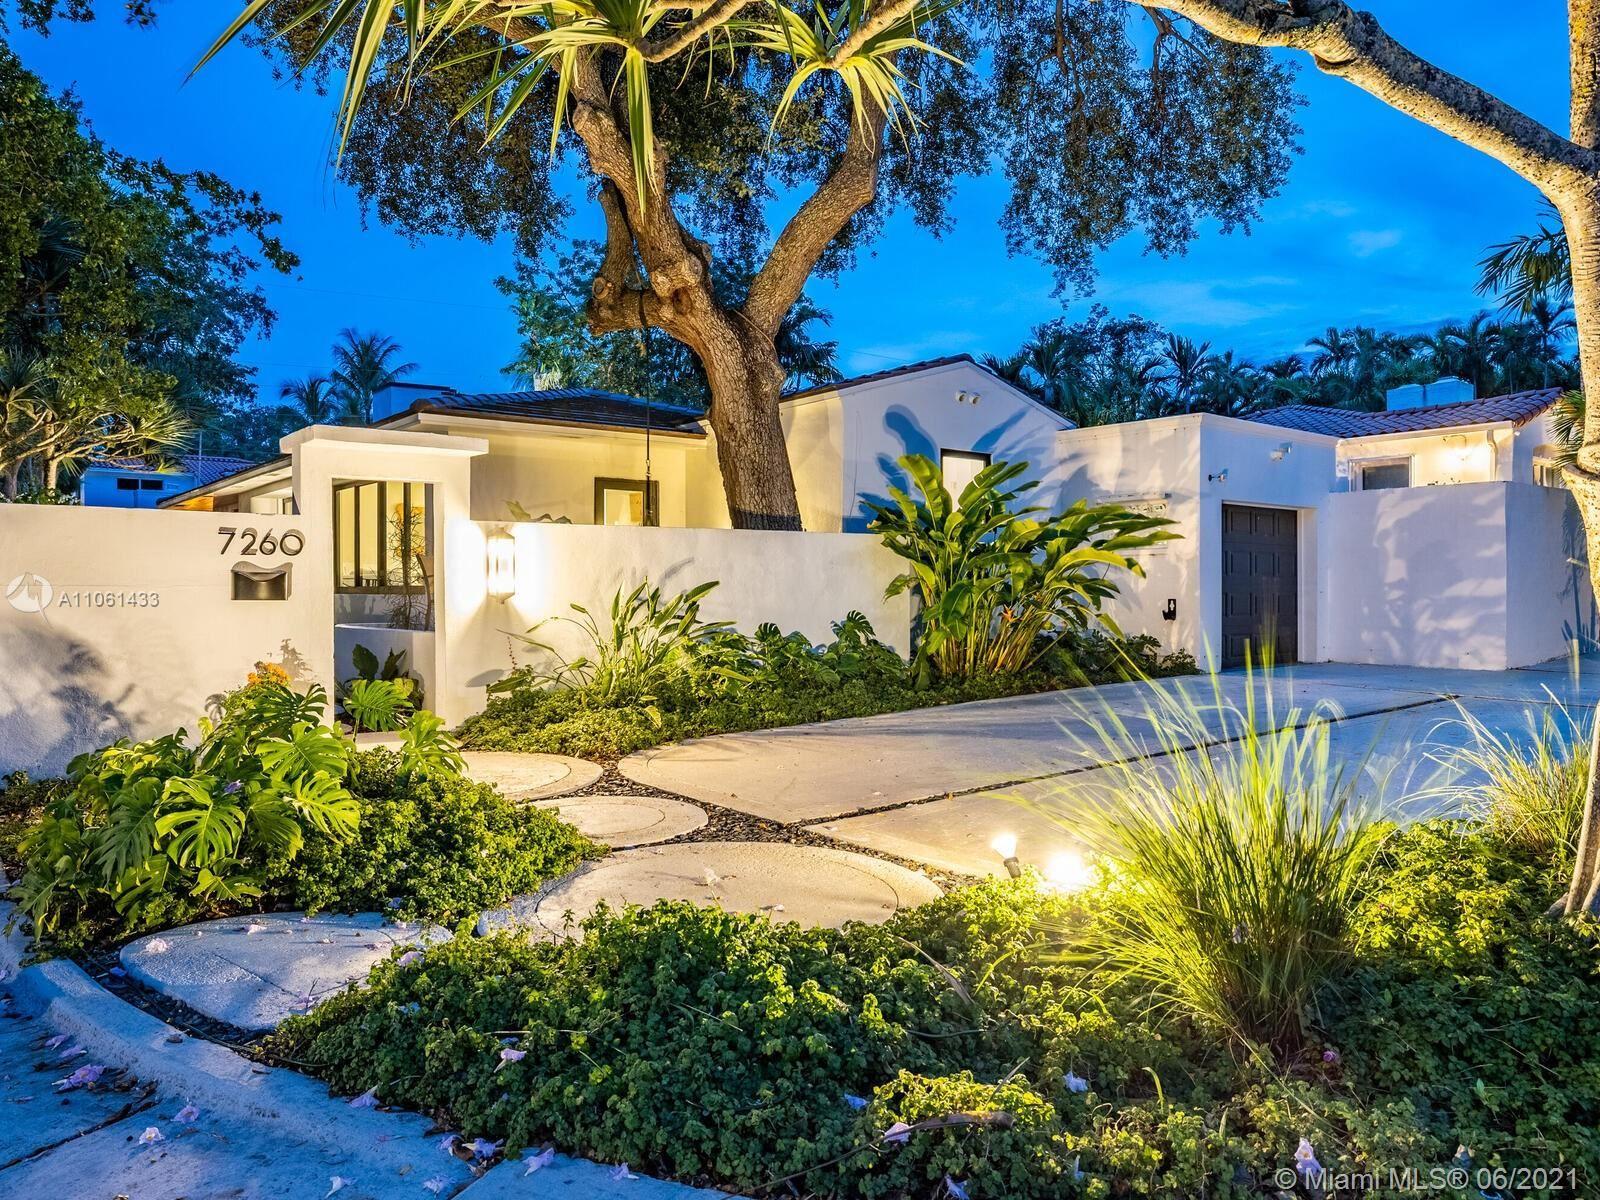 7260 NE 7th Ave, Miami, FL 33138 - #: A11061433